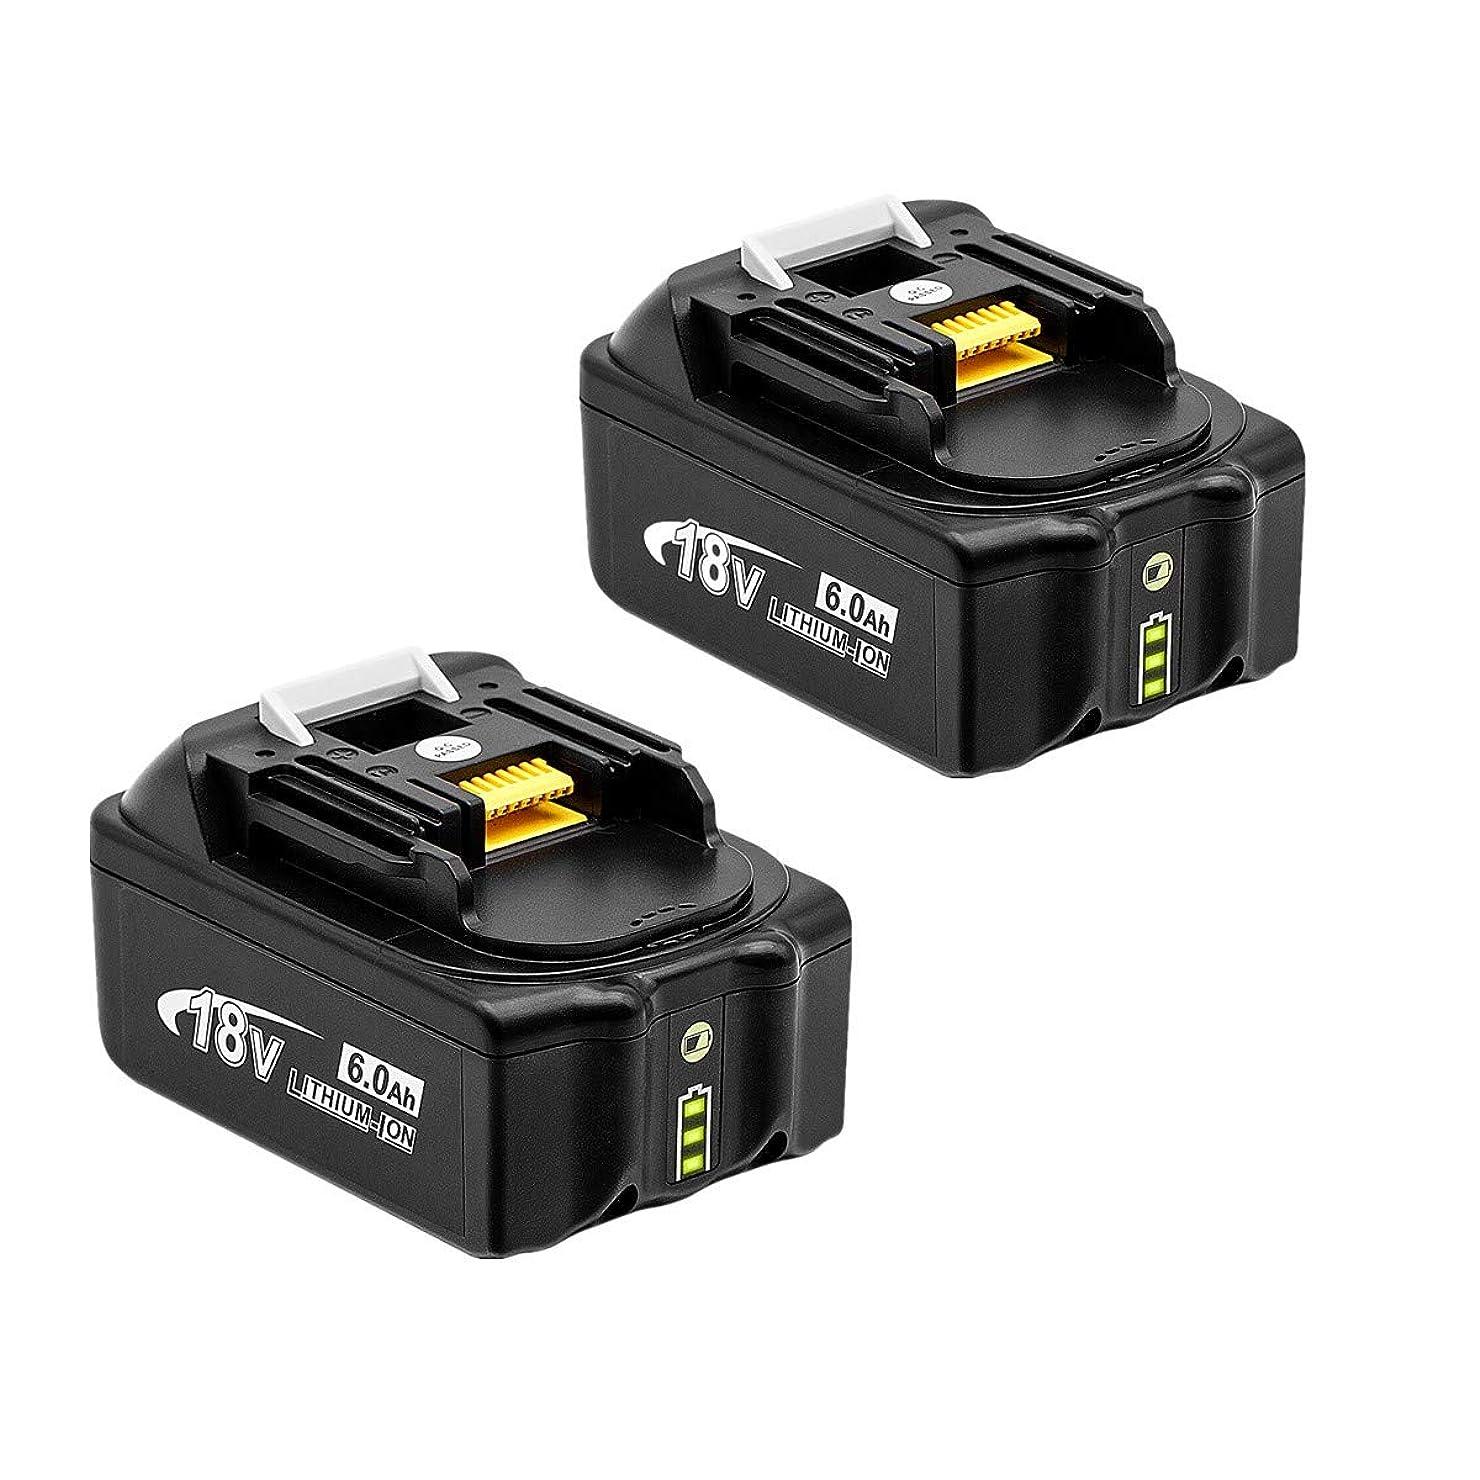 グリーンバック周り休日にRoallybattery マキタ 18v バッテリー BL1860 互換バッテリー18v 6000mAh BL1830 BL1840 BL1850 BL1860 対応リチウムイオン電池 マキタ バッテリー 1年保証